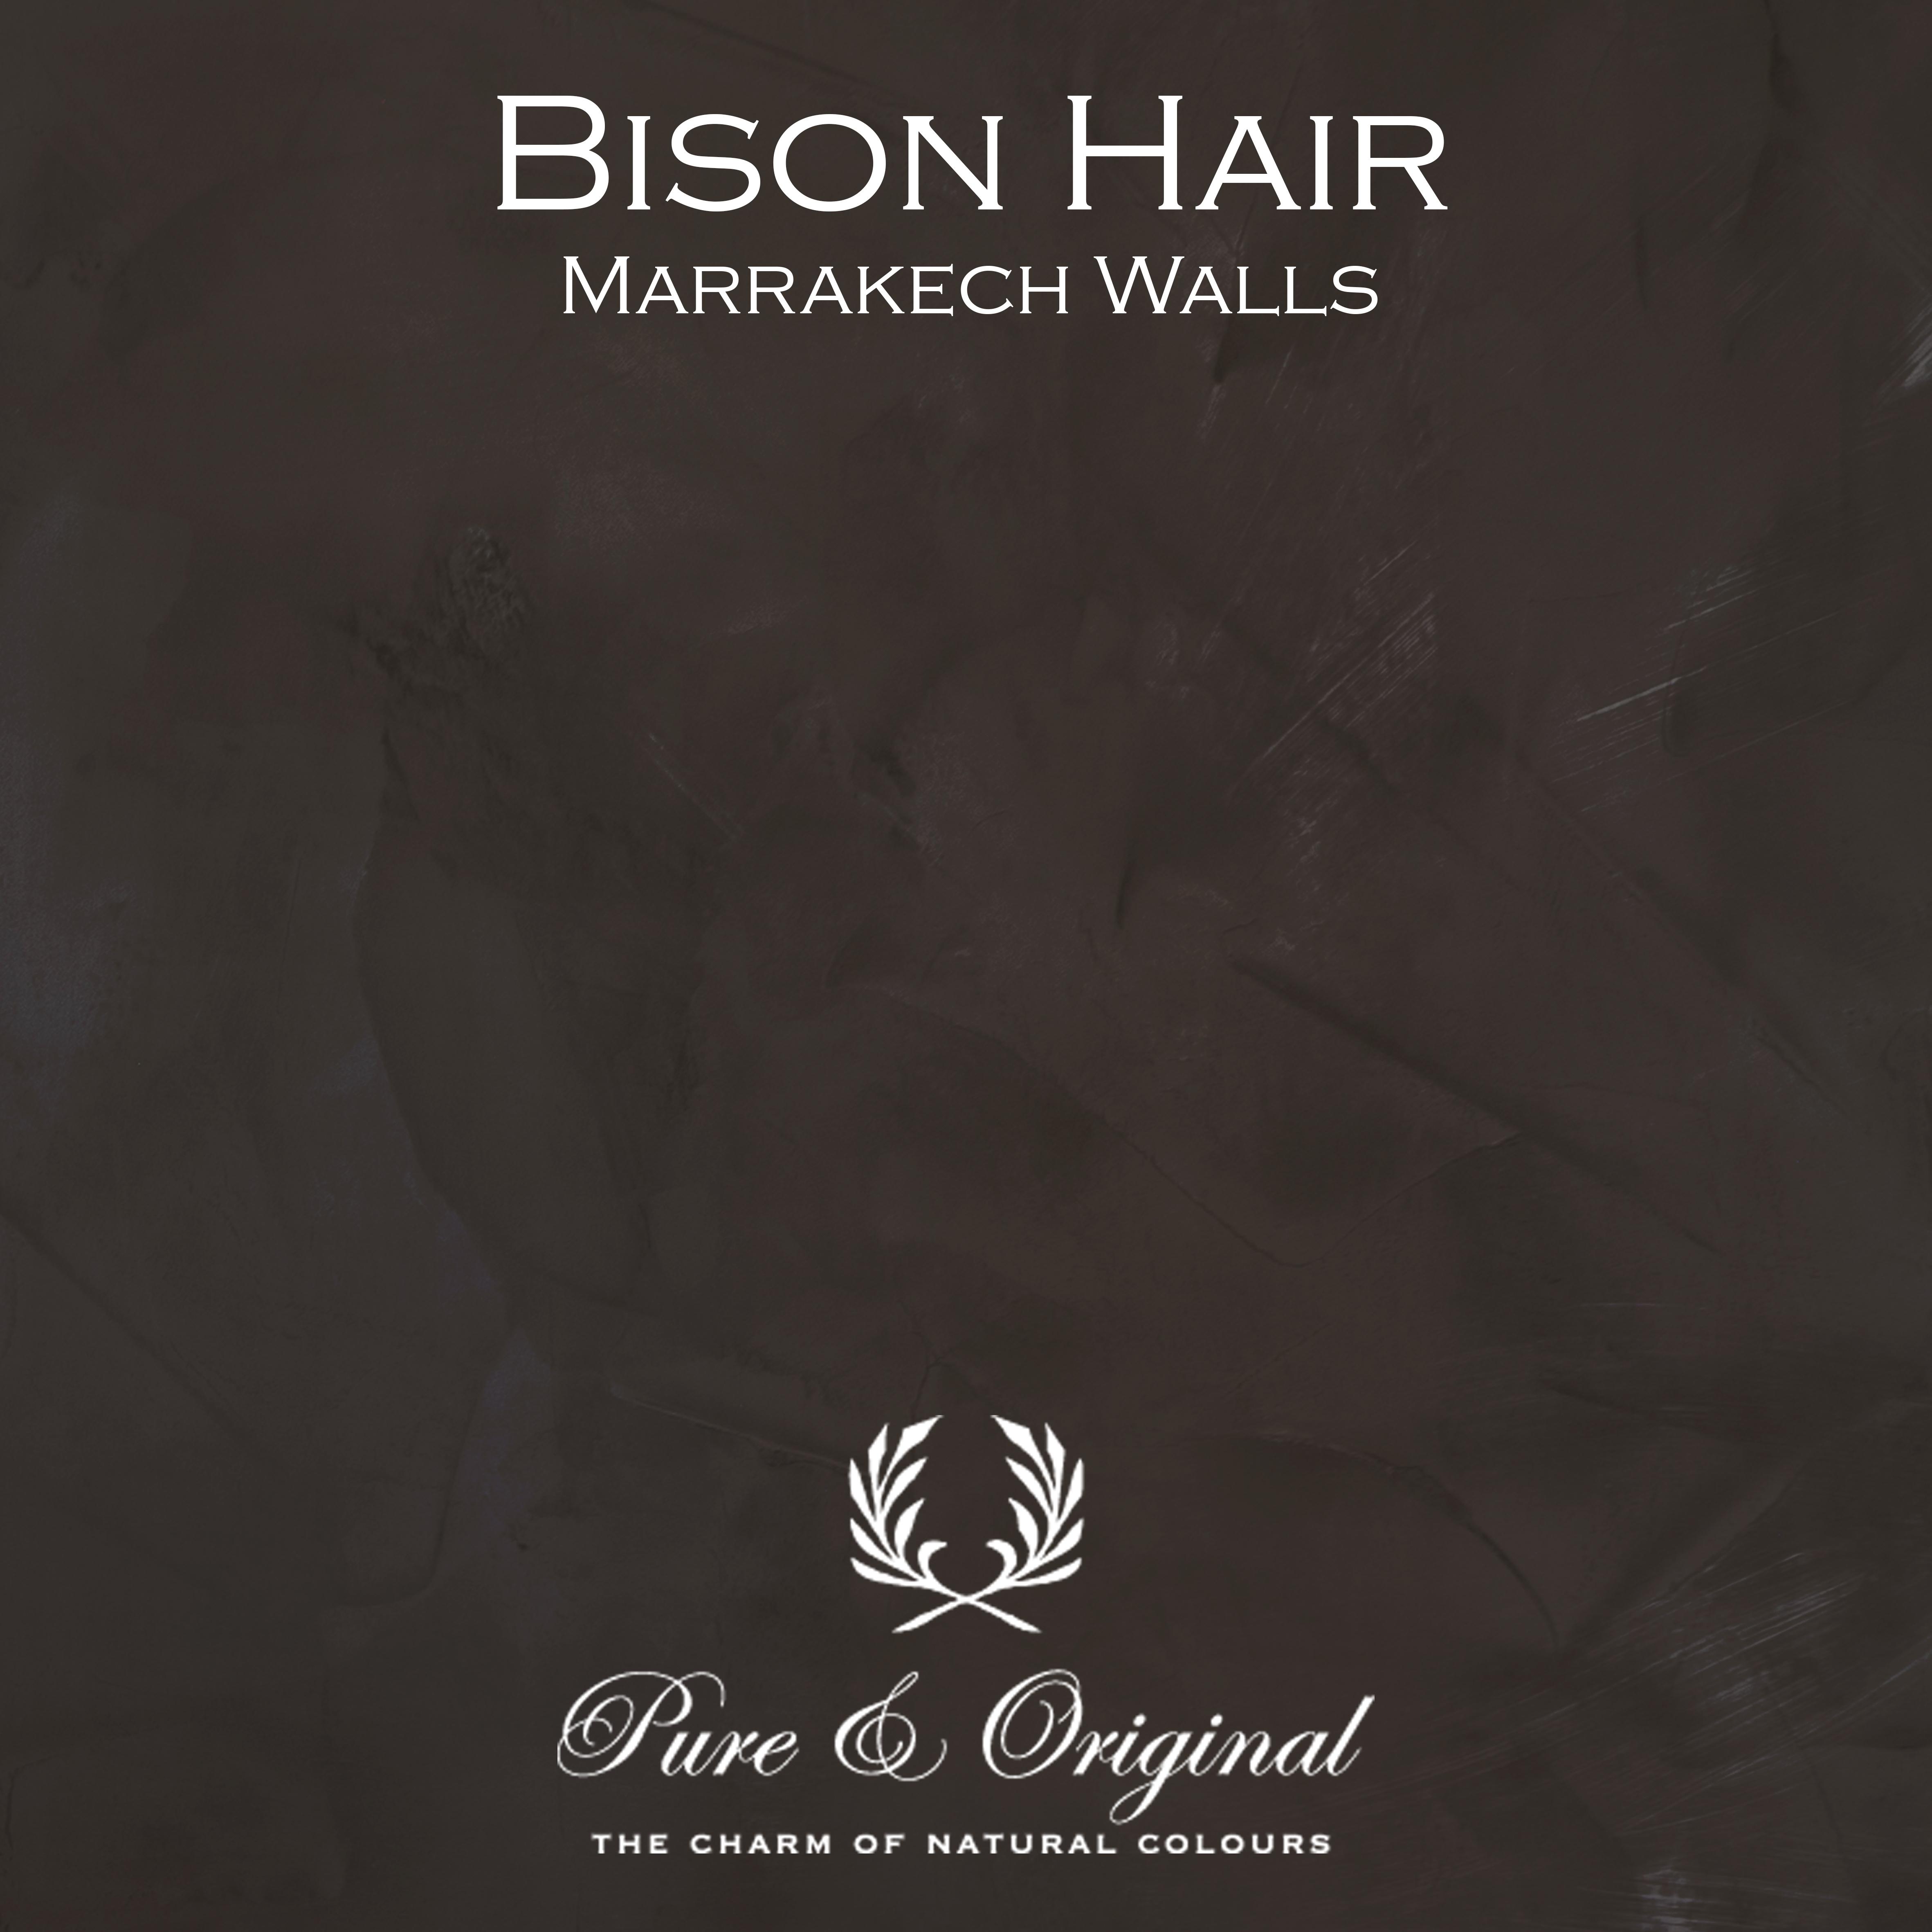 Kulör Bison Hair, Marrakech Walls kalkfärg